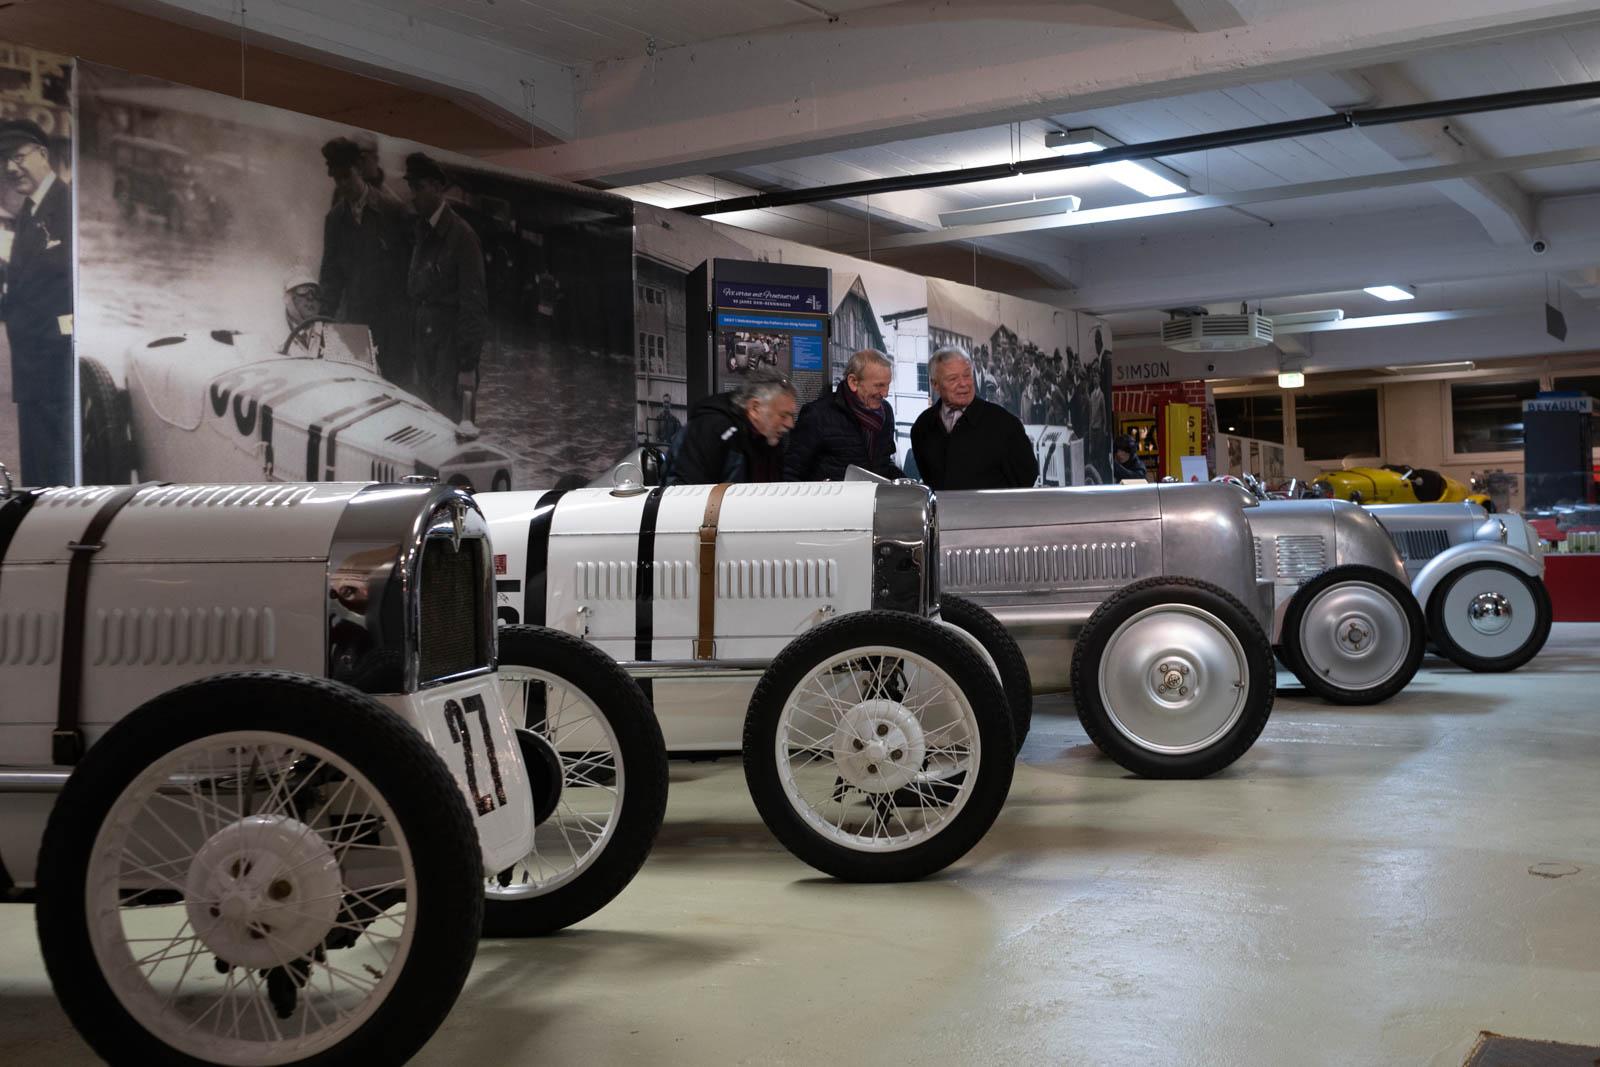 JahreDKWRennwagenSonderausstellung